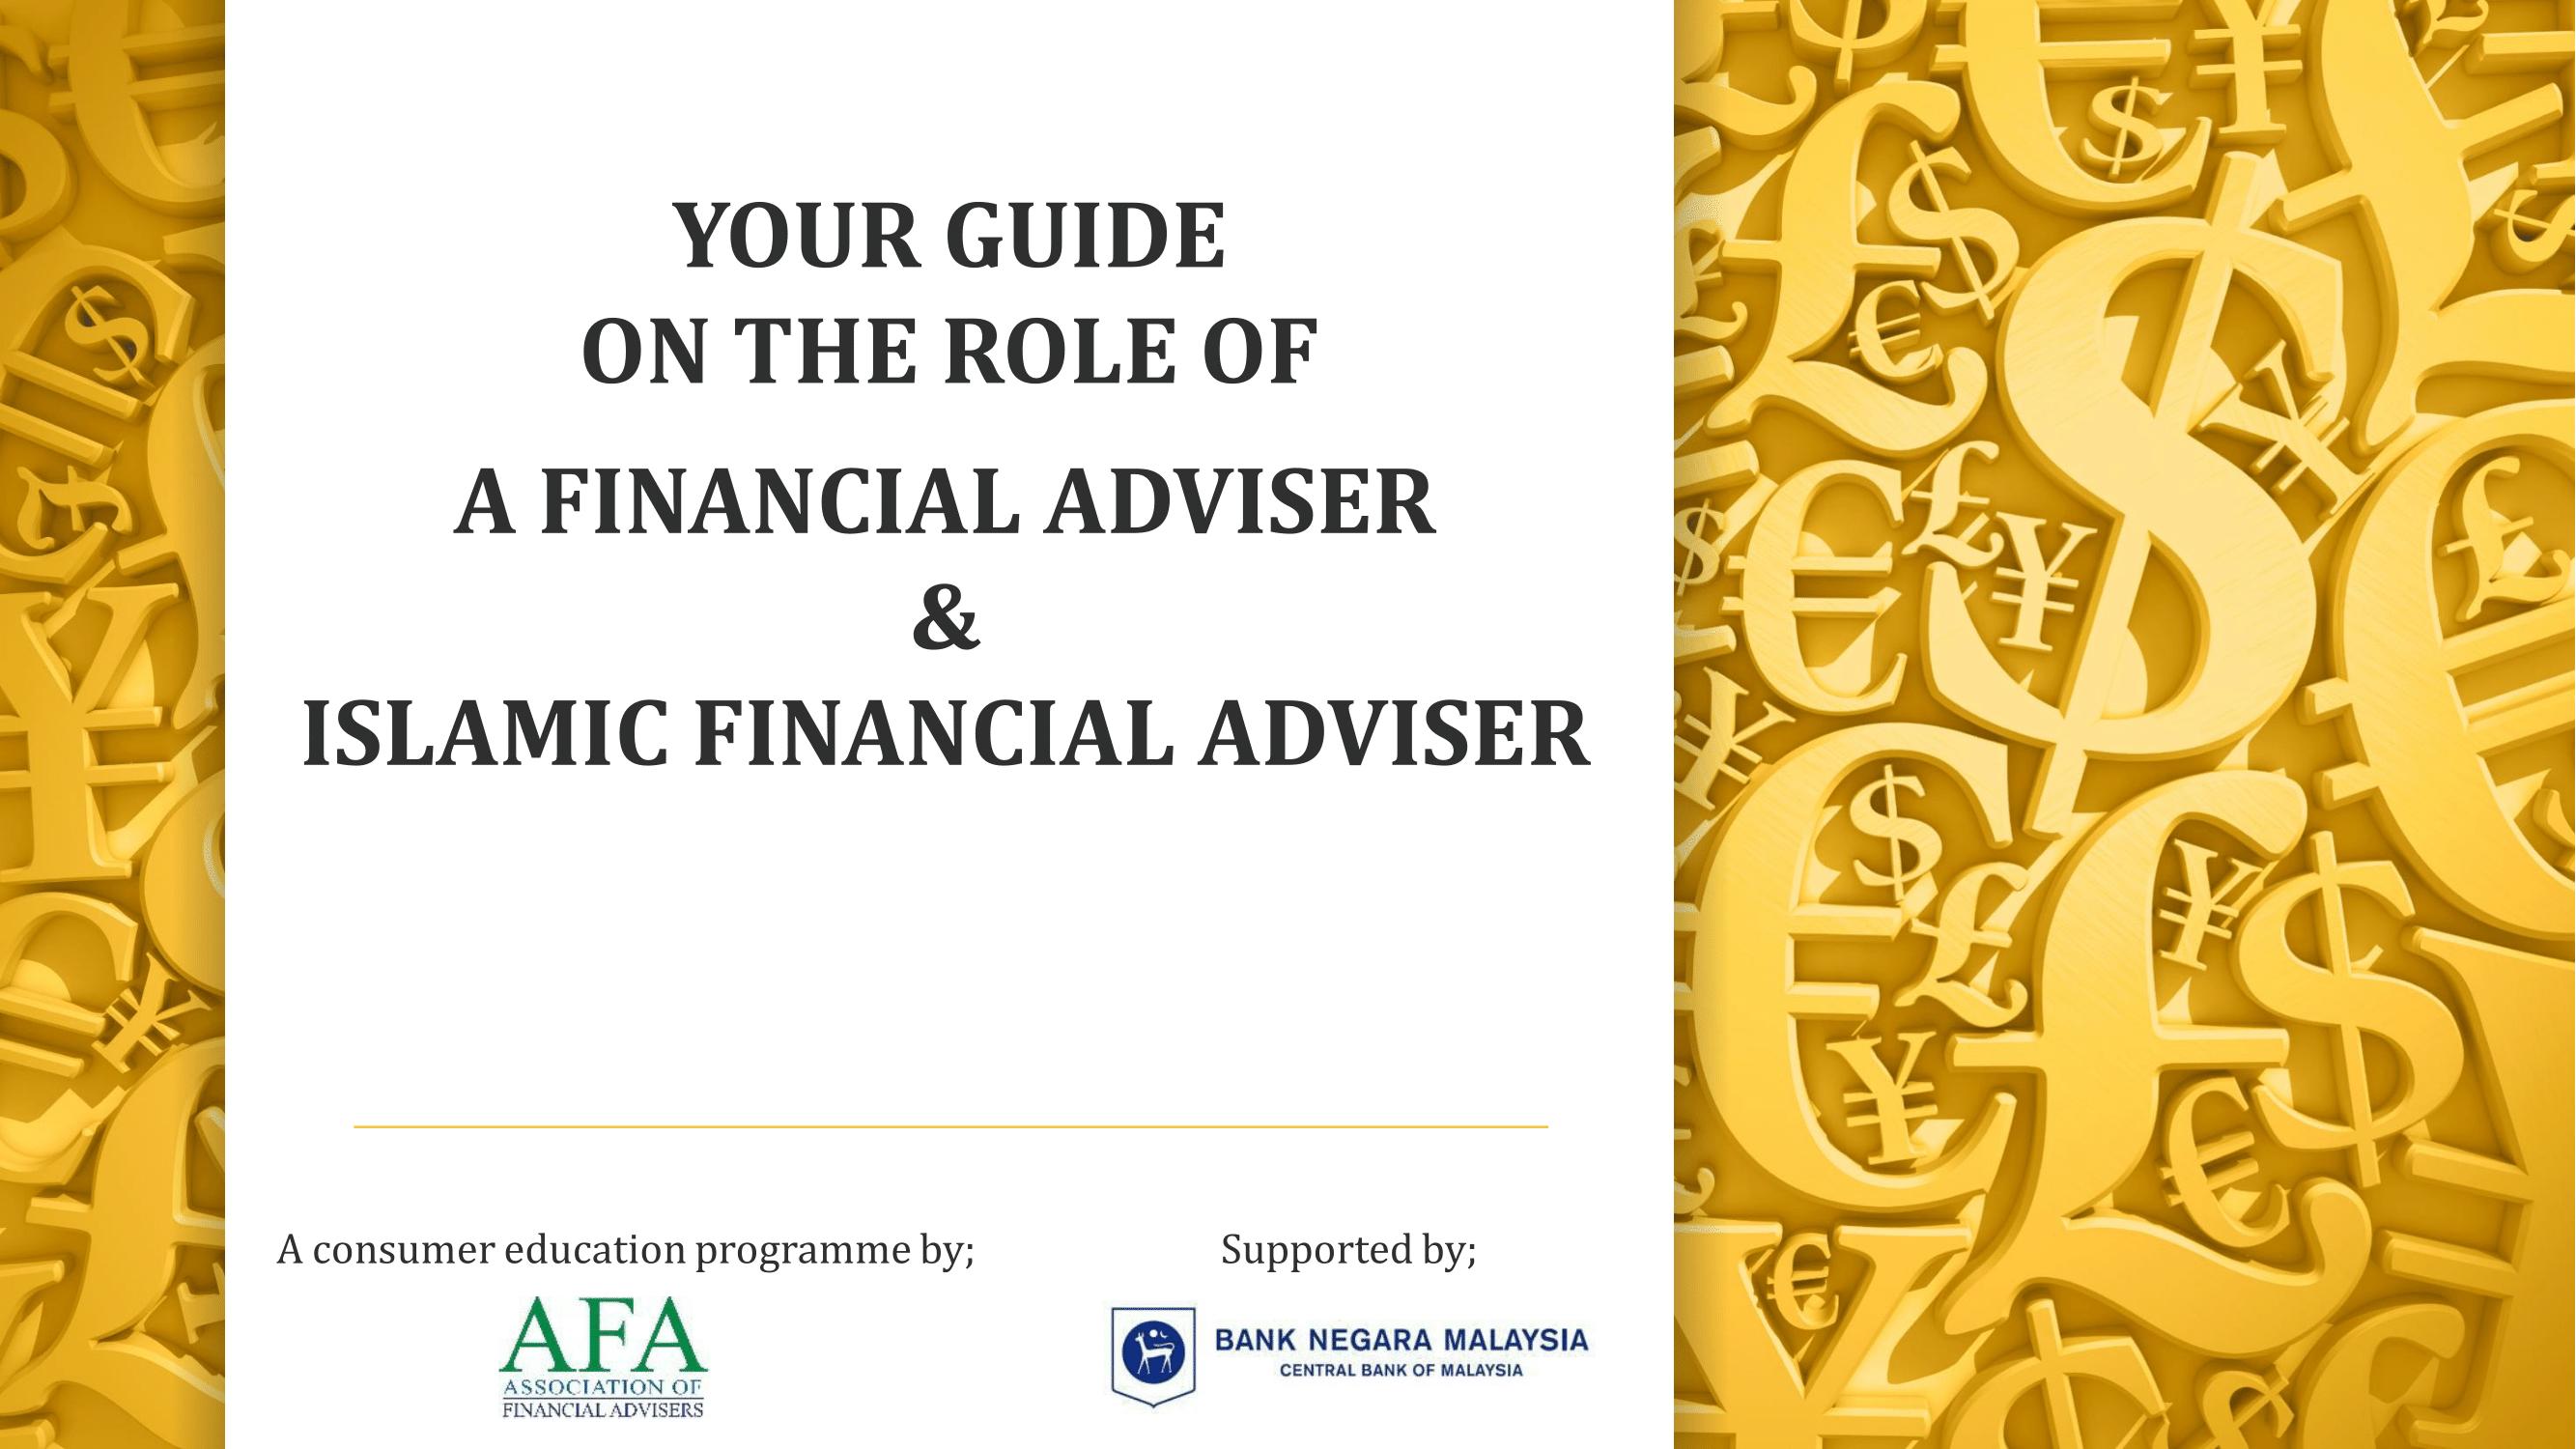 Financial Adviser Booklet (Updated 09.10.2014)_FINAL_v2-01